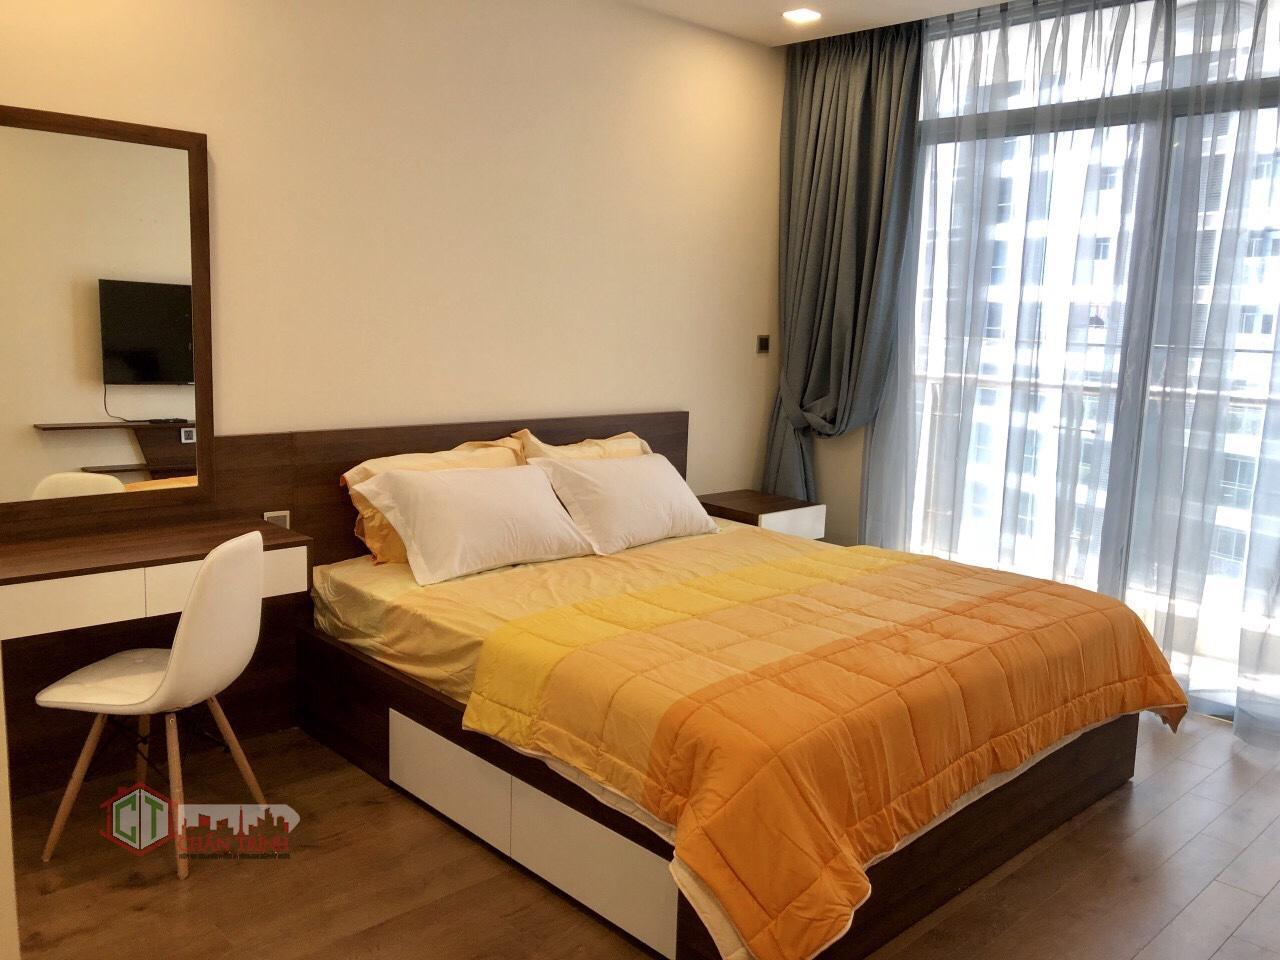 Phòng ngủ 2 căn hộ 2 phòng ngủ - Park 3 Vinhomes Central Park